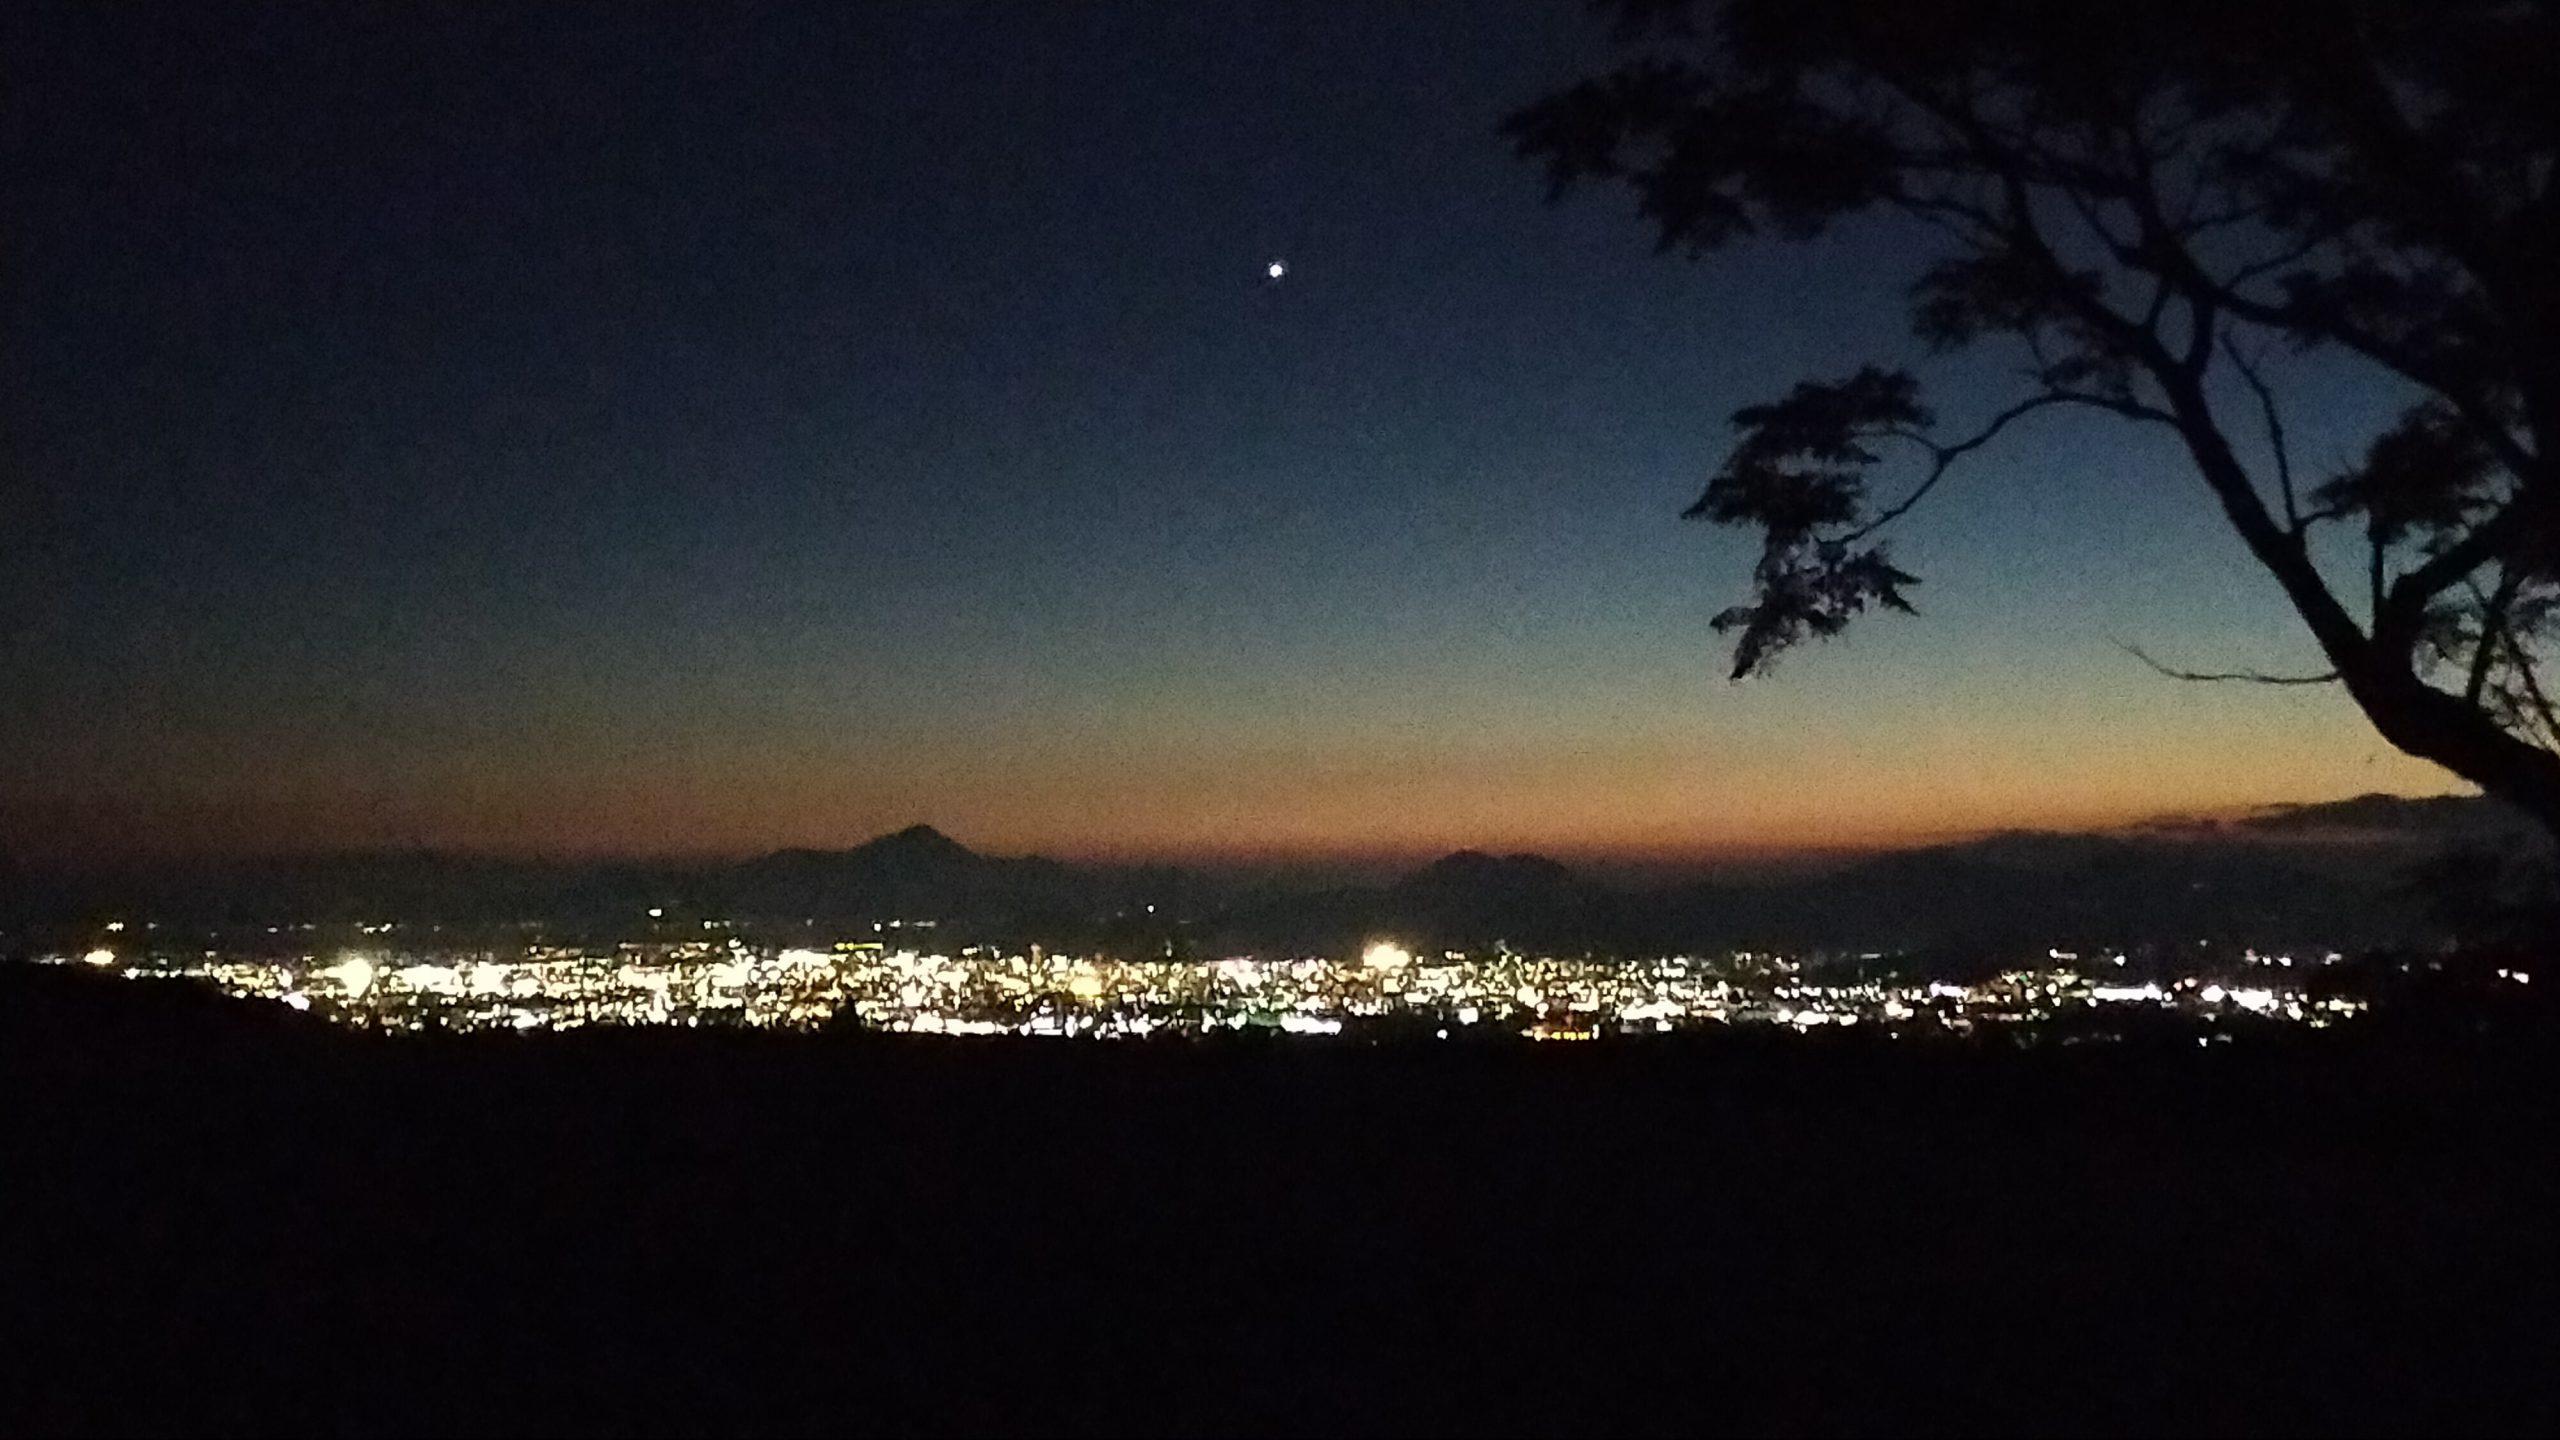 ケニーロード 夜景